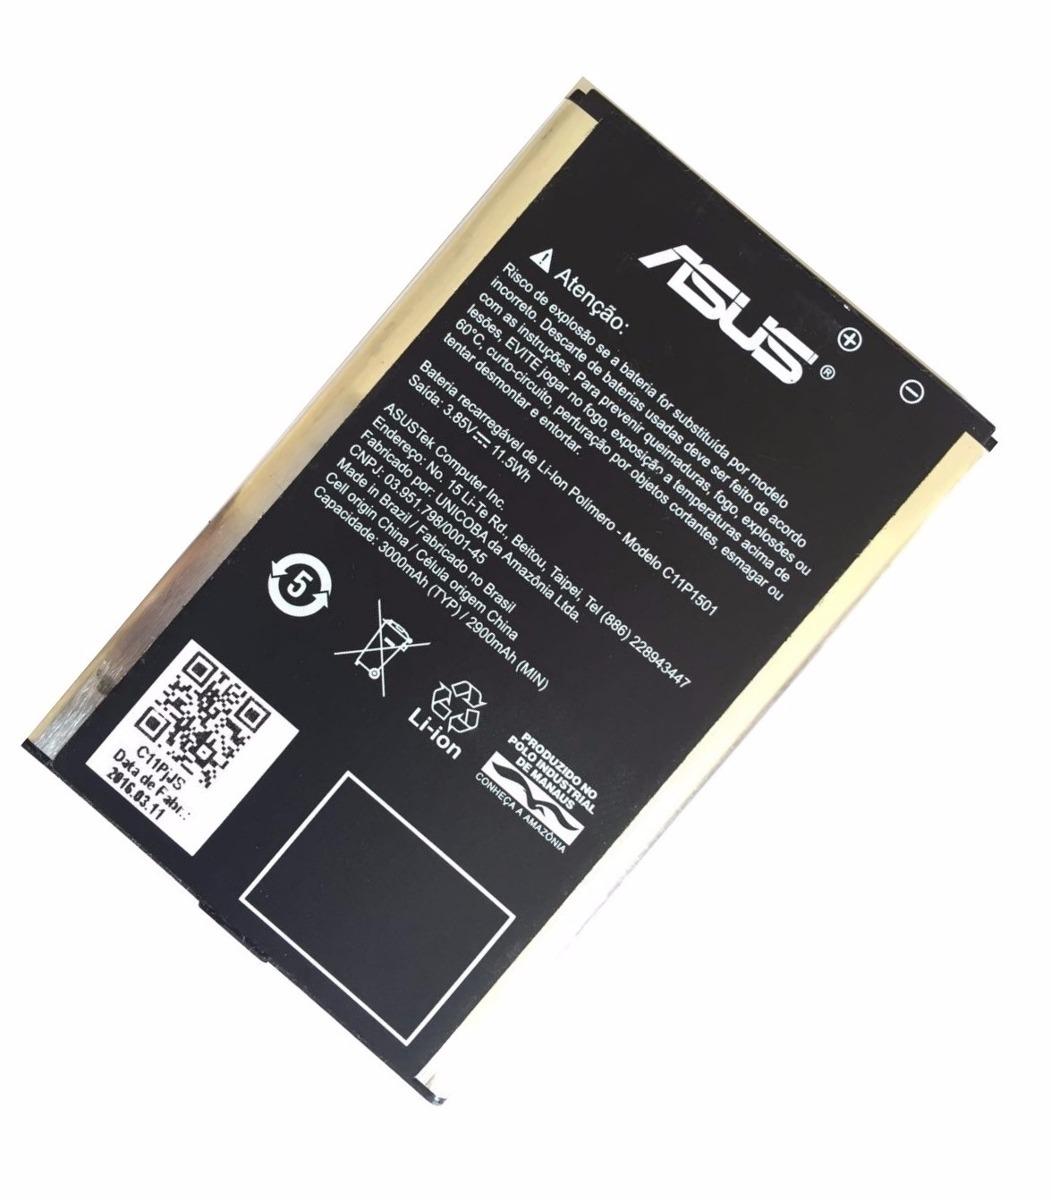 Bateria Asus Zenfone 2 Laser Ze551kl C11p1501 Original